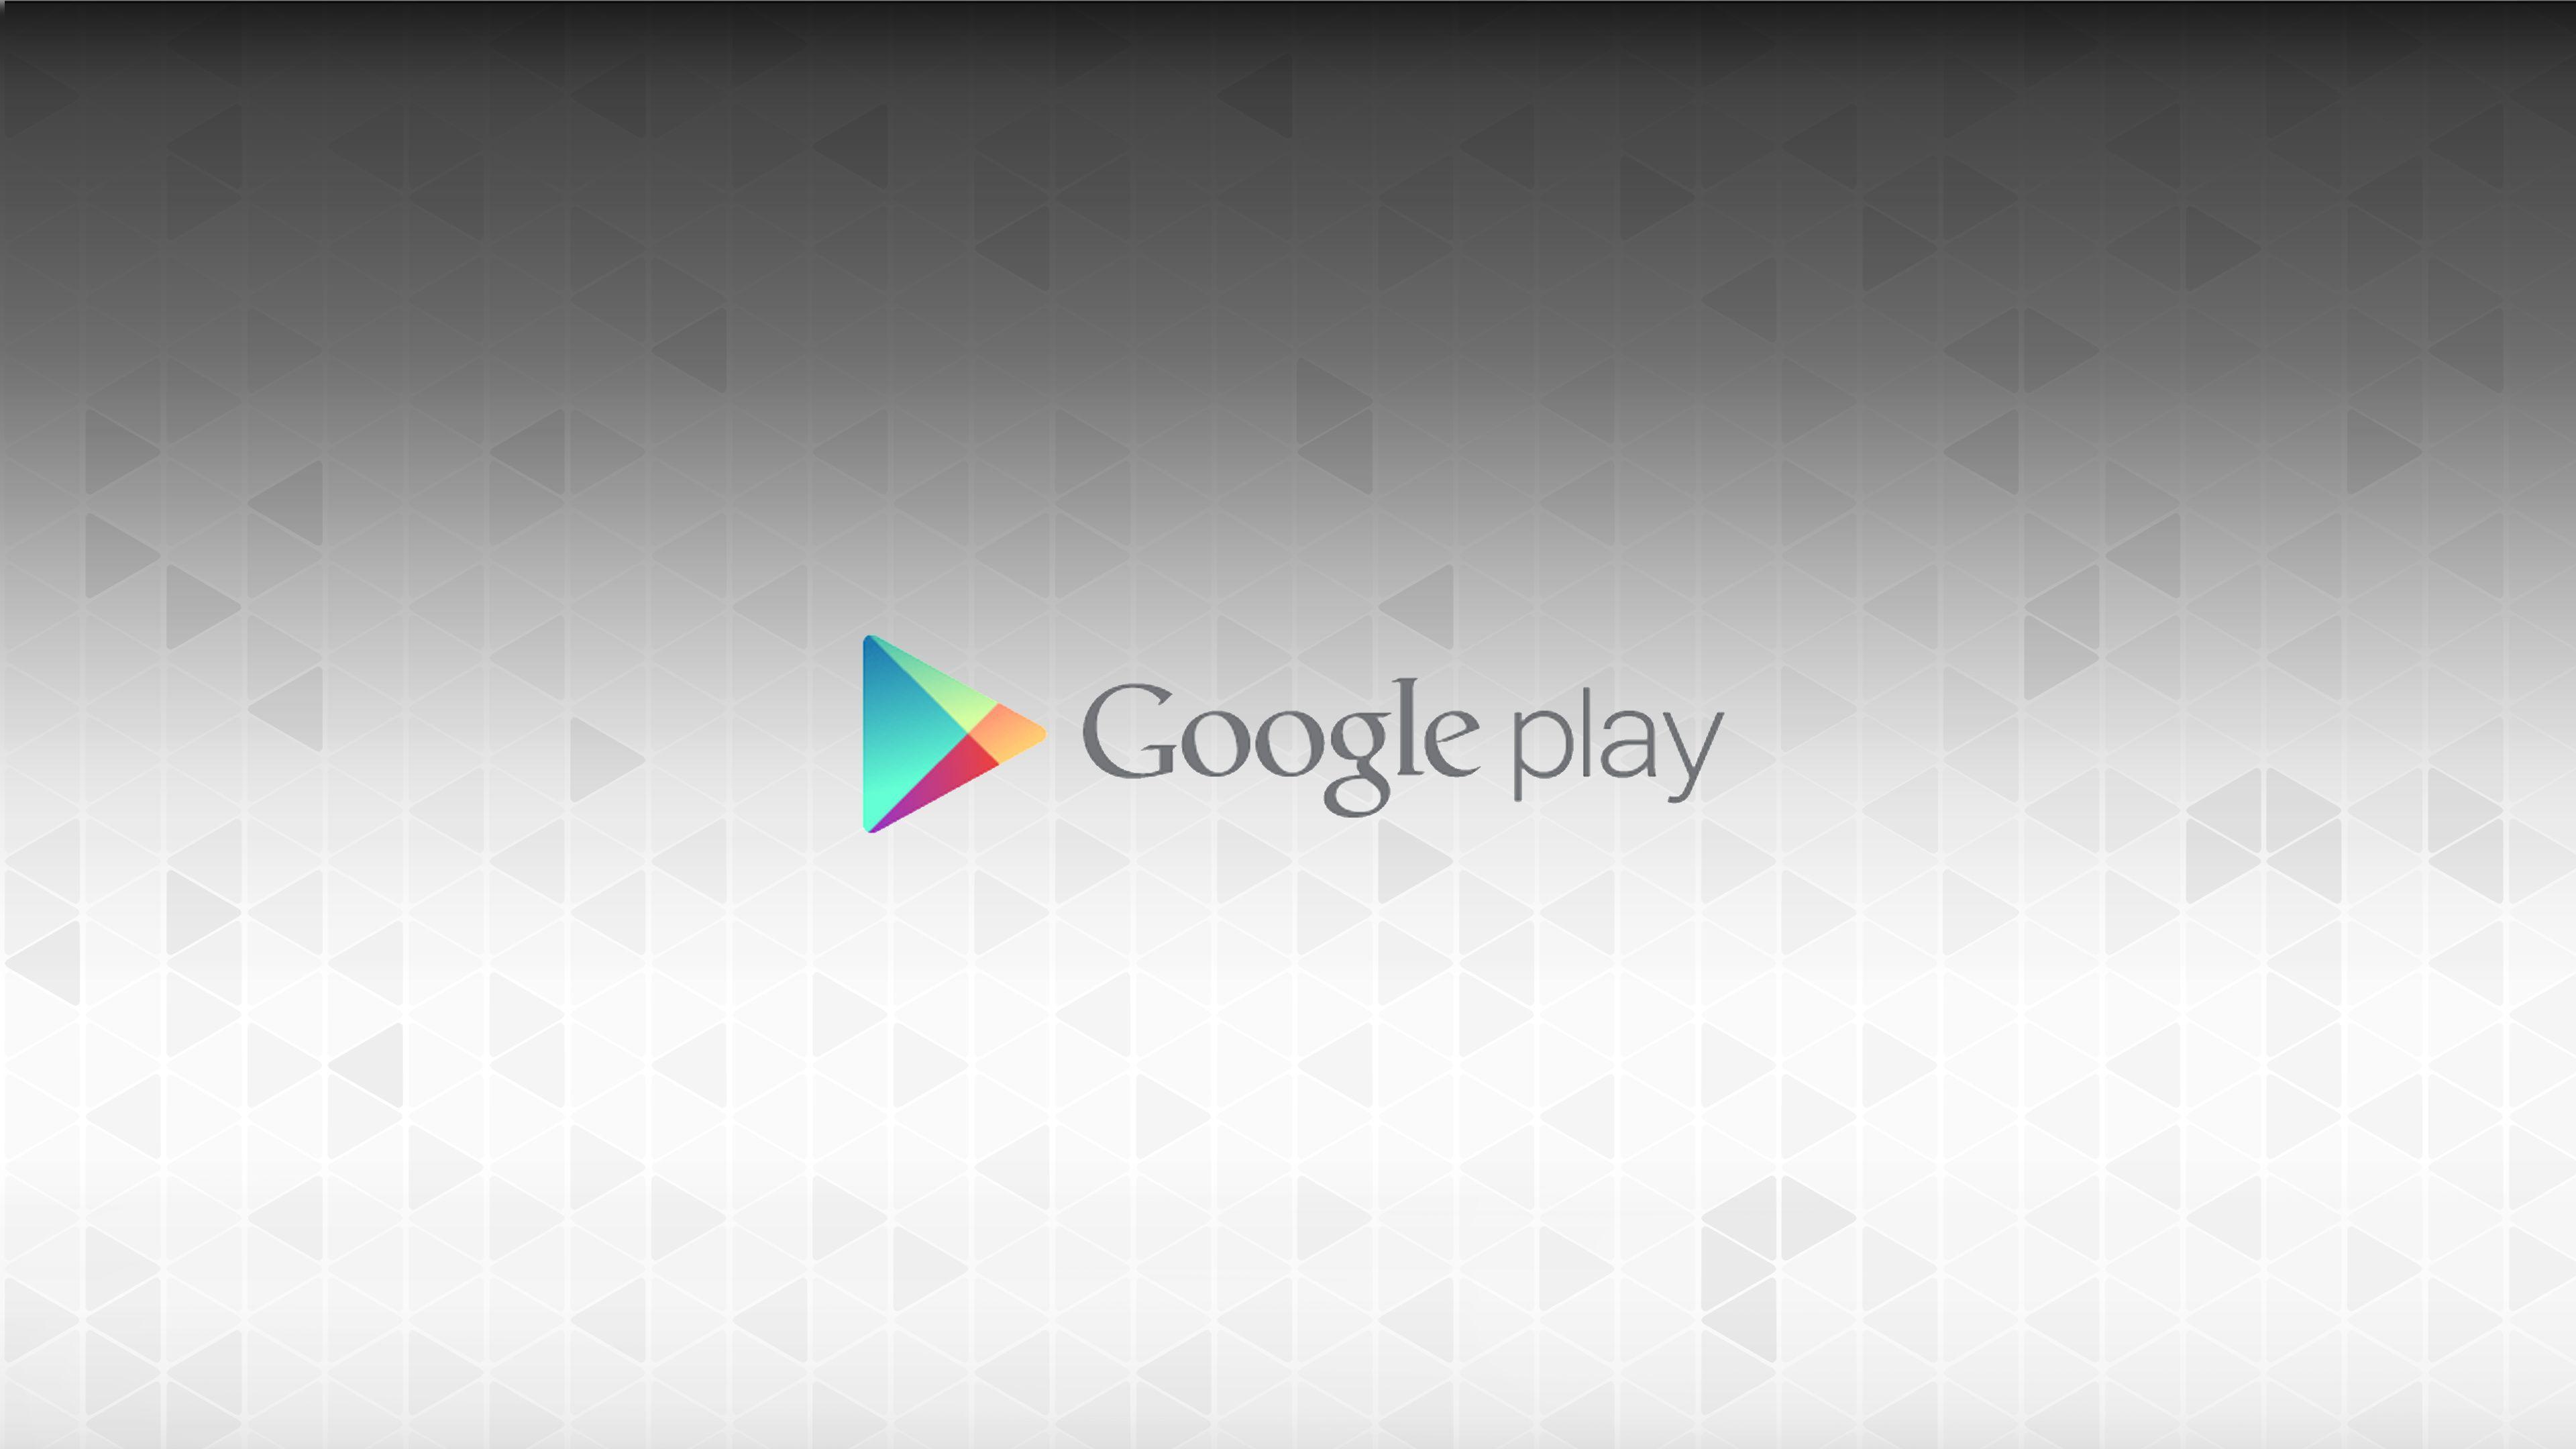 Resultado de imagen para google play wallpaper